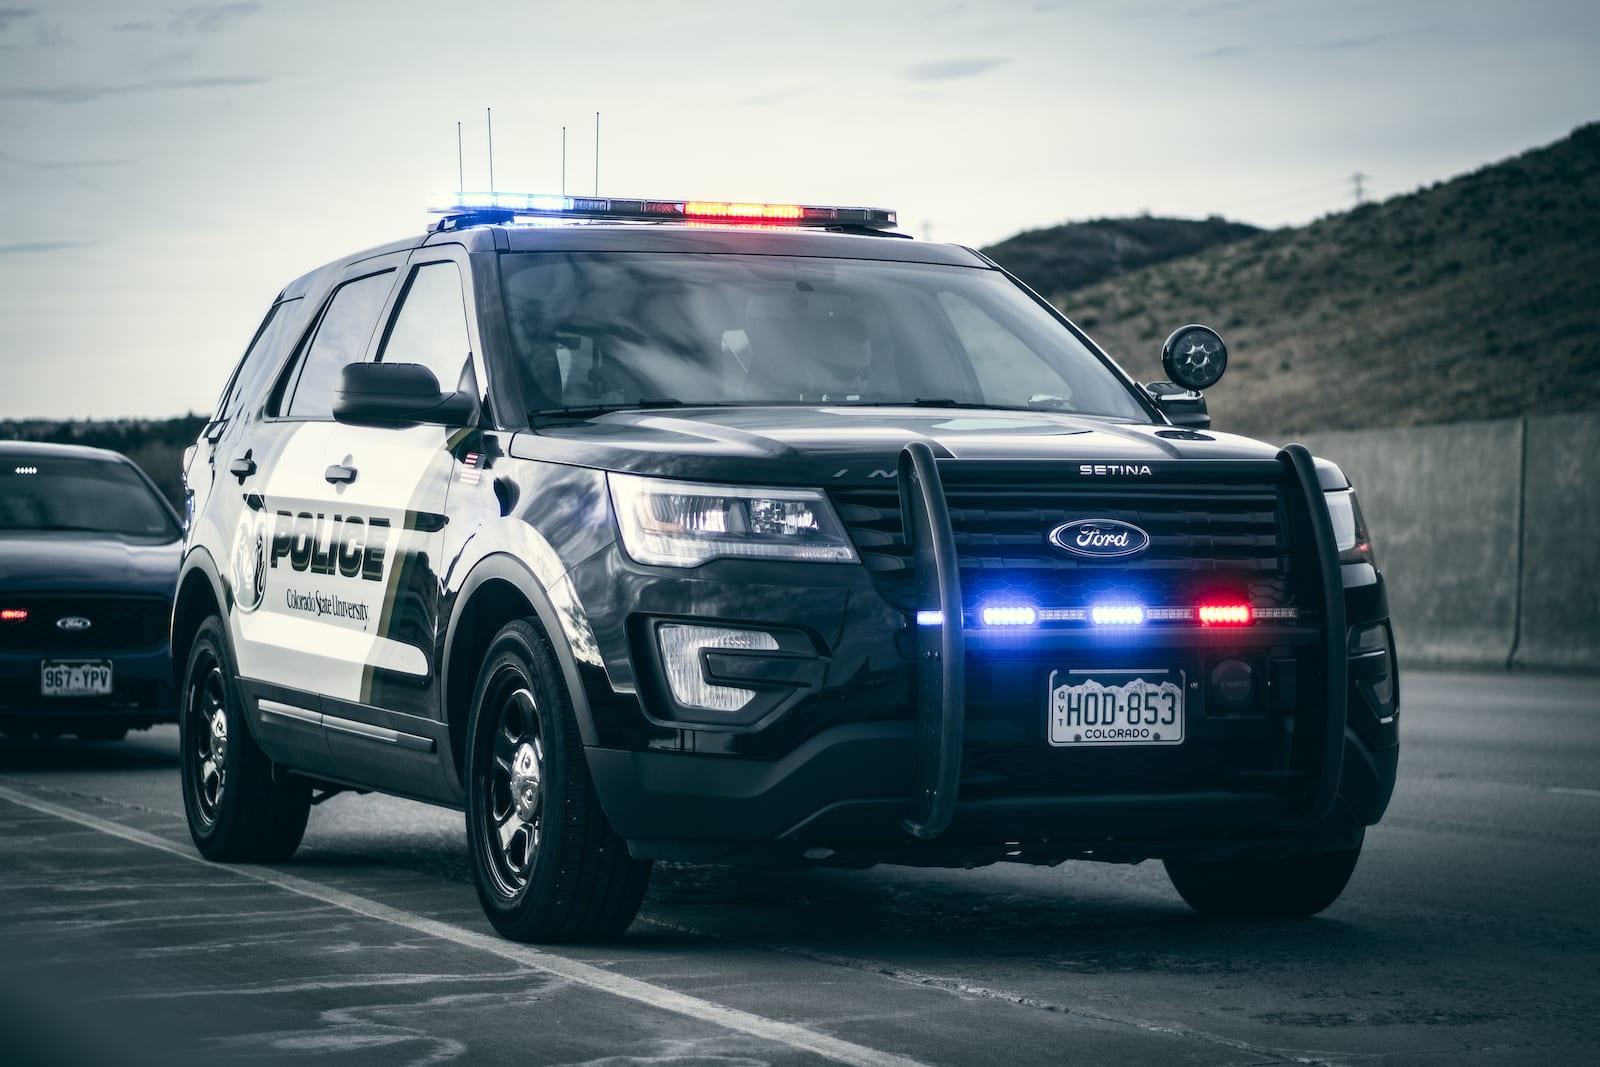 Colorado Strange Laws CSU Police SUV